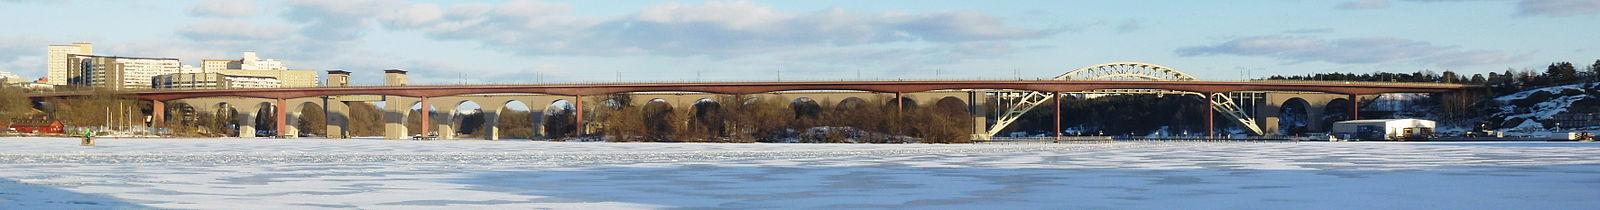 Den den Västrae Årstabron (nærmest) og Östra Årstabron, i midten ligger Årsta holme.   Vy fra Årstadalhavnen i marts 2013.